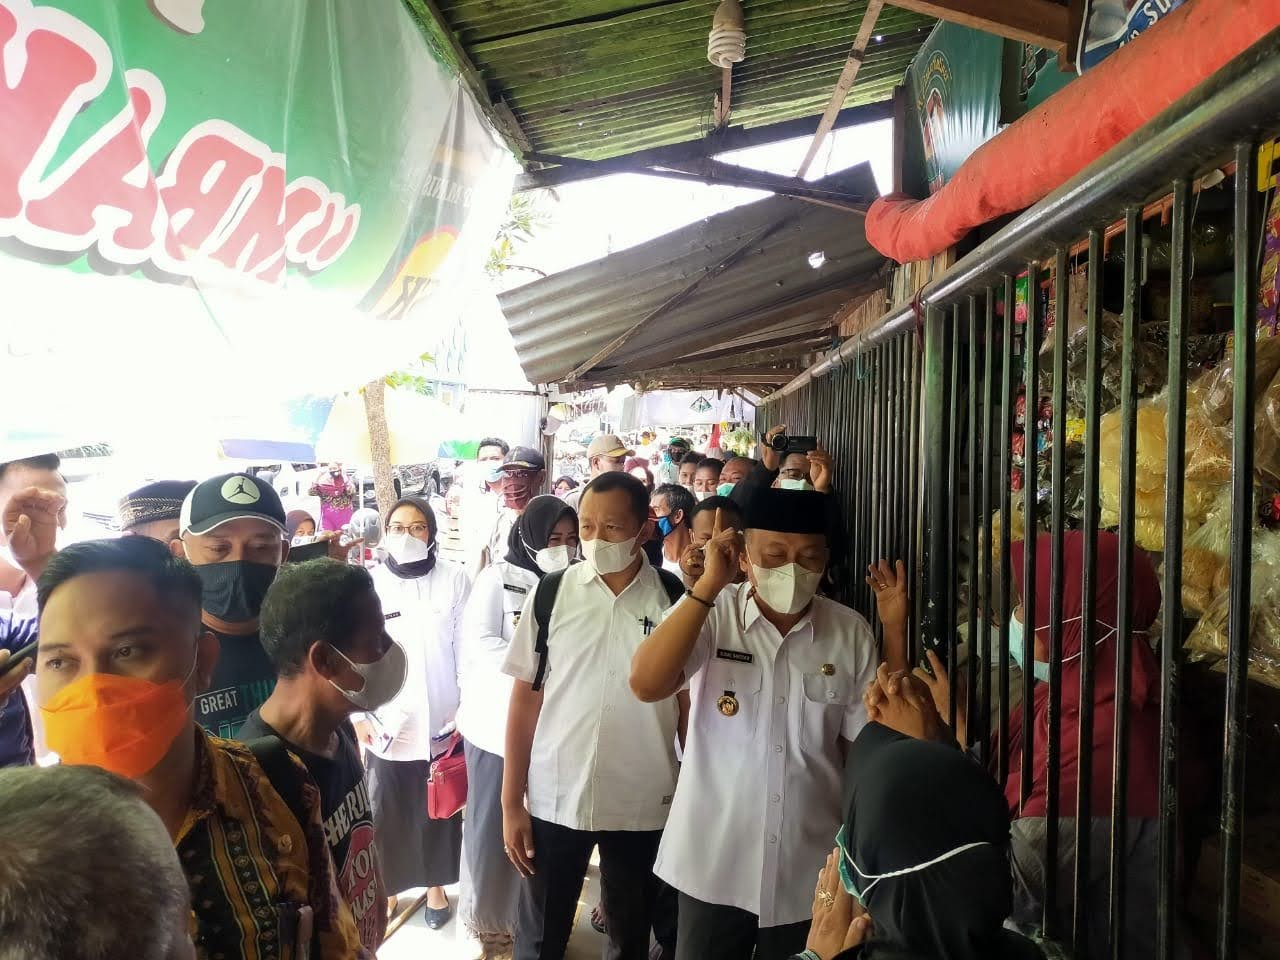 Bupati Sugiri Sancoko Bongkar Pagar Pembatas Pasar Eks Stasiun